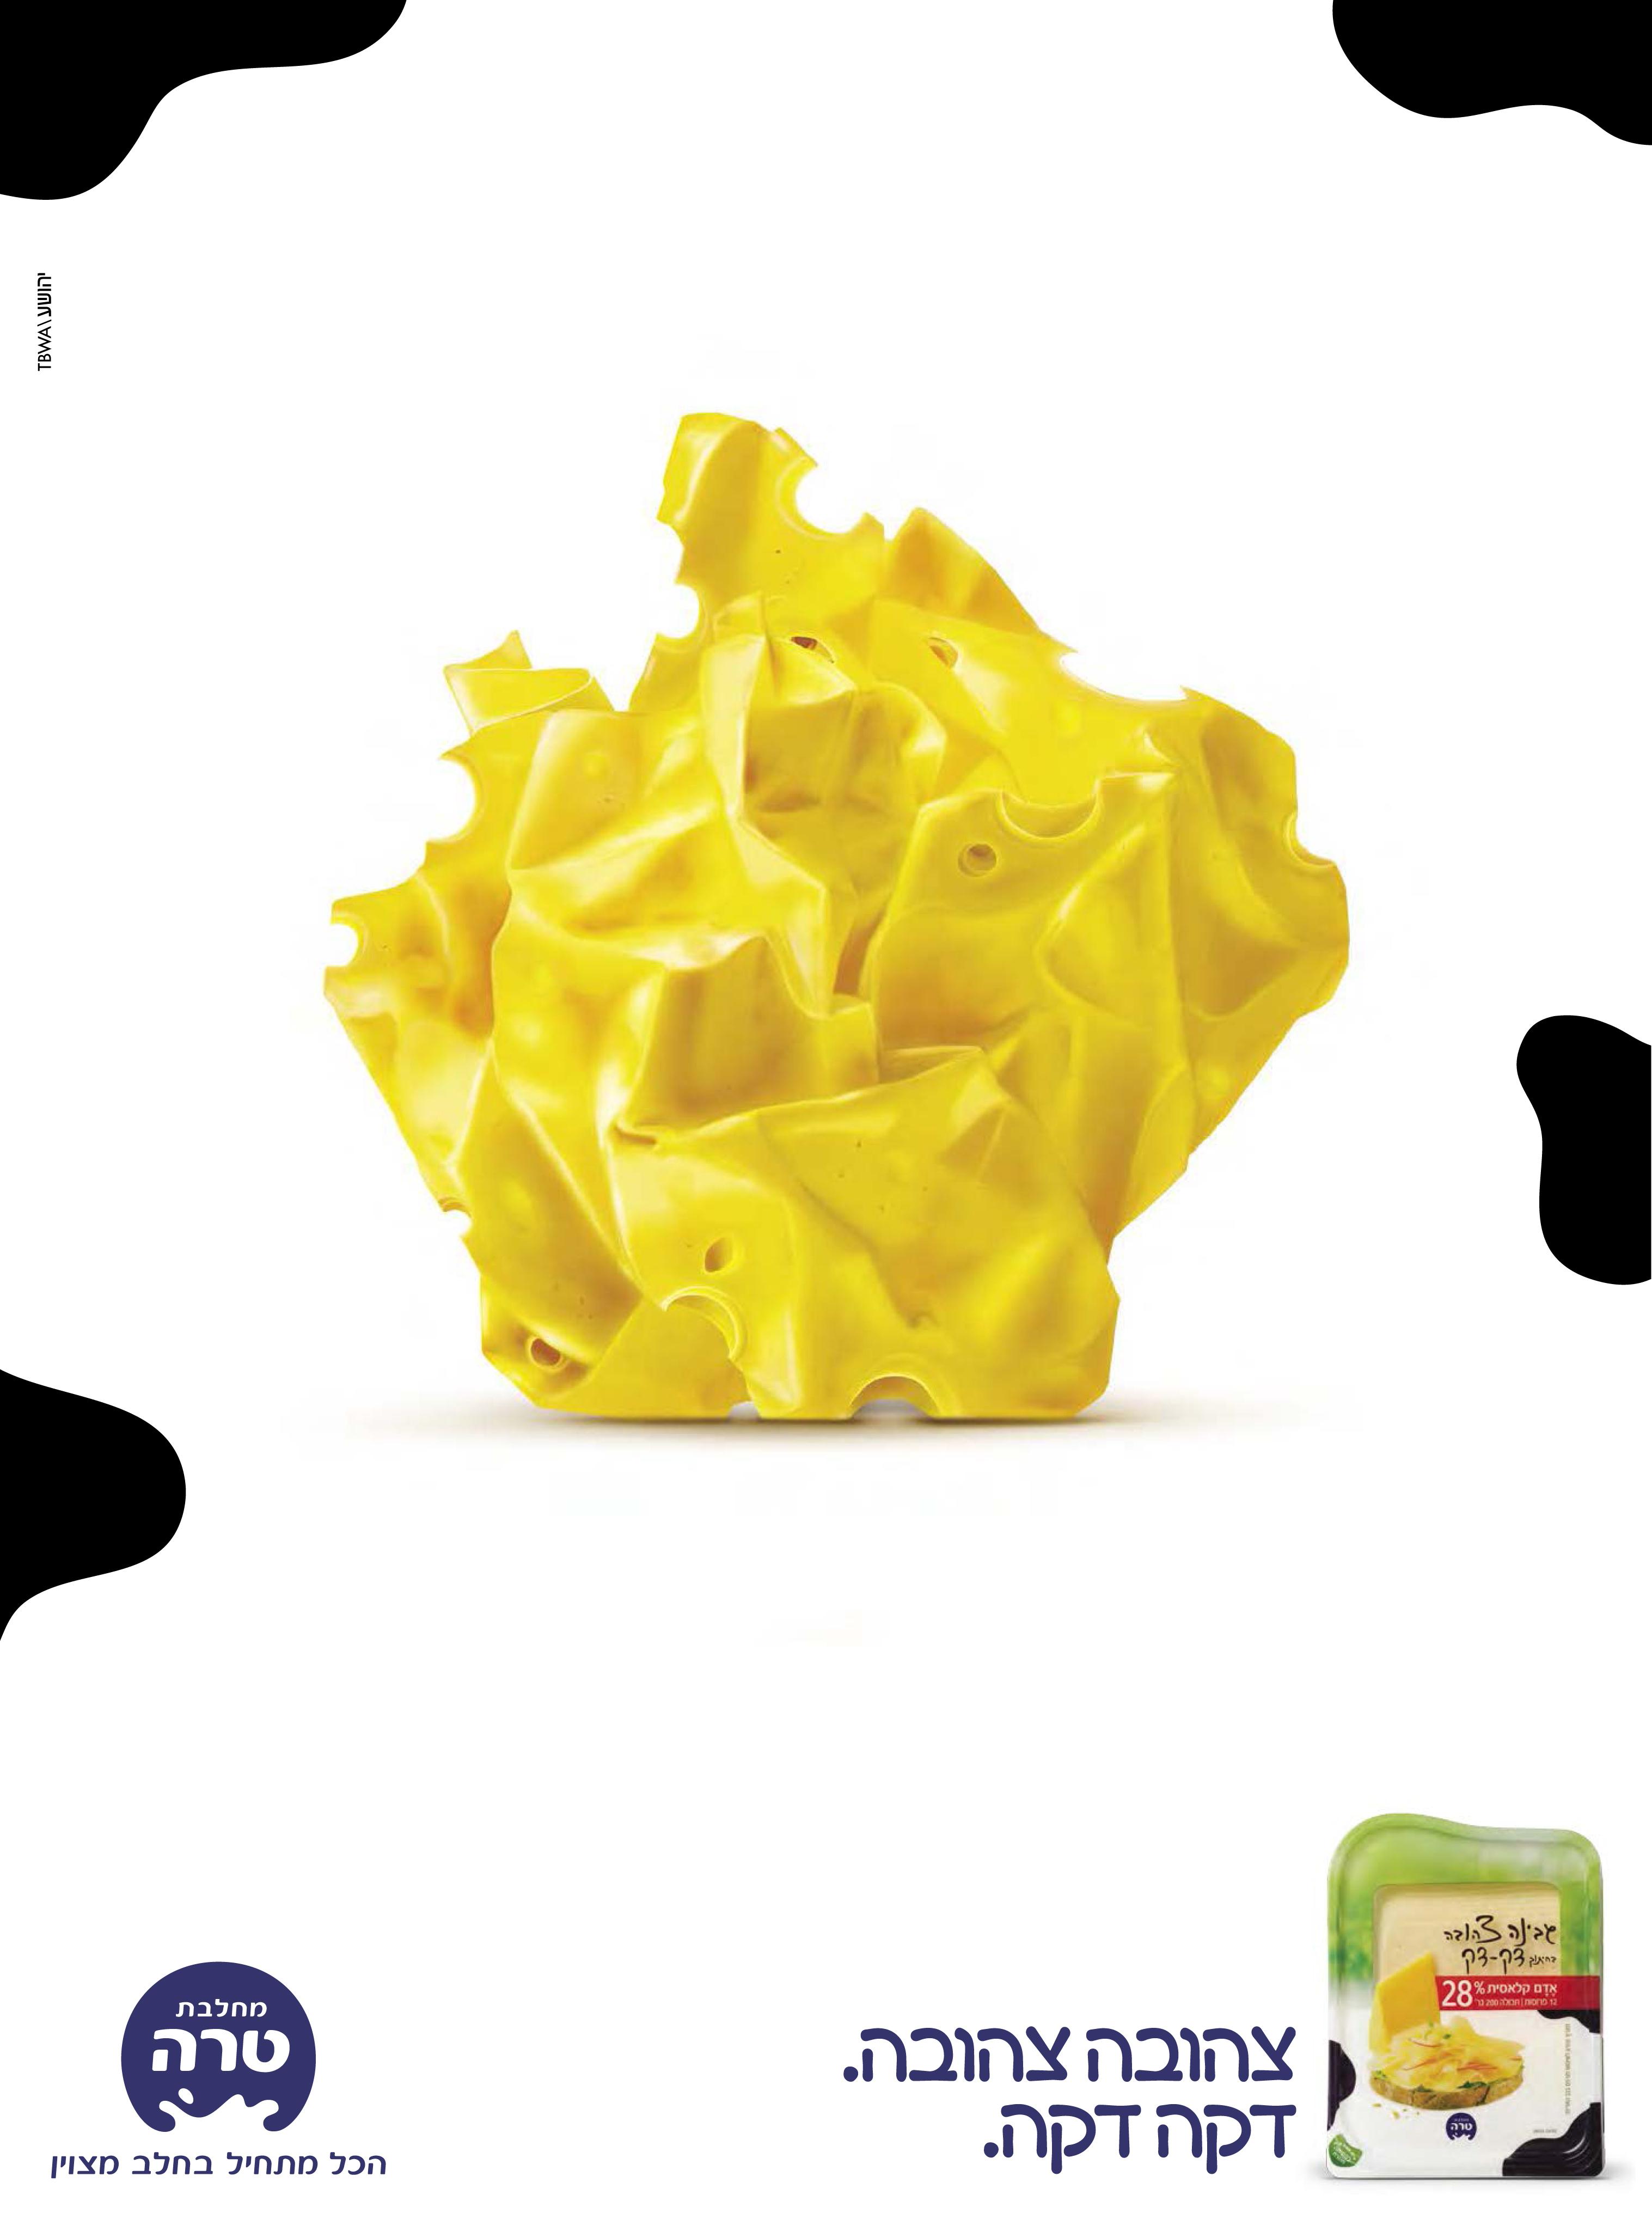 דג הזהב 2013: צהובה צהובה, דקה דקה